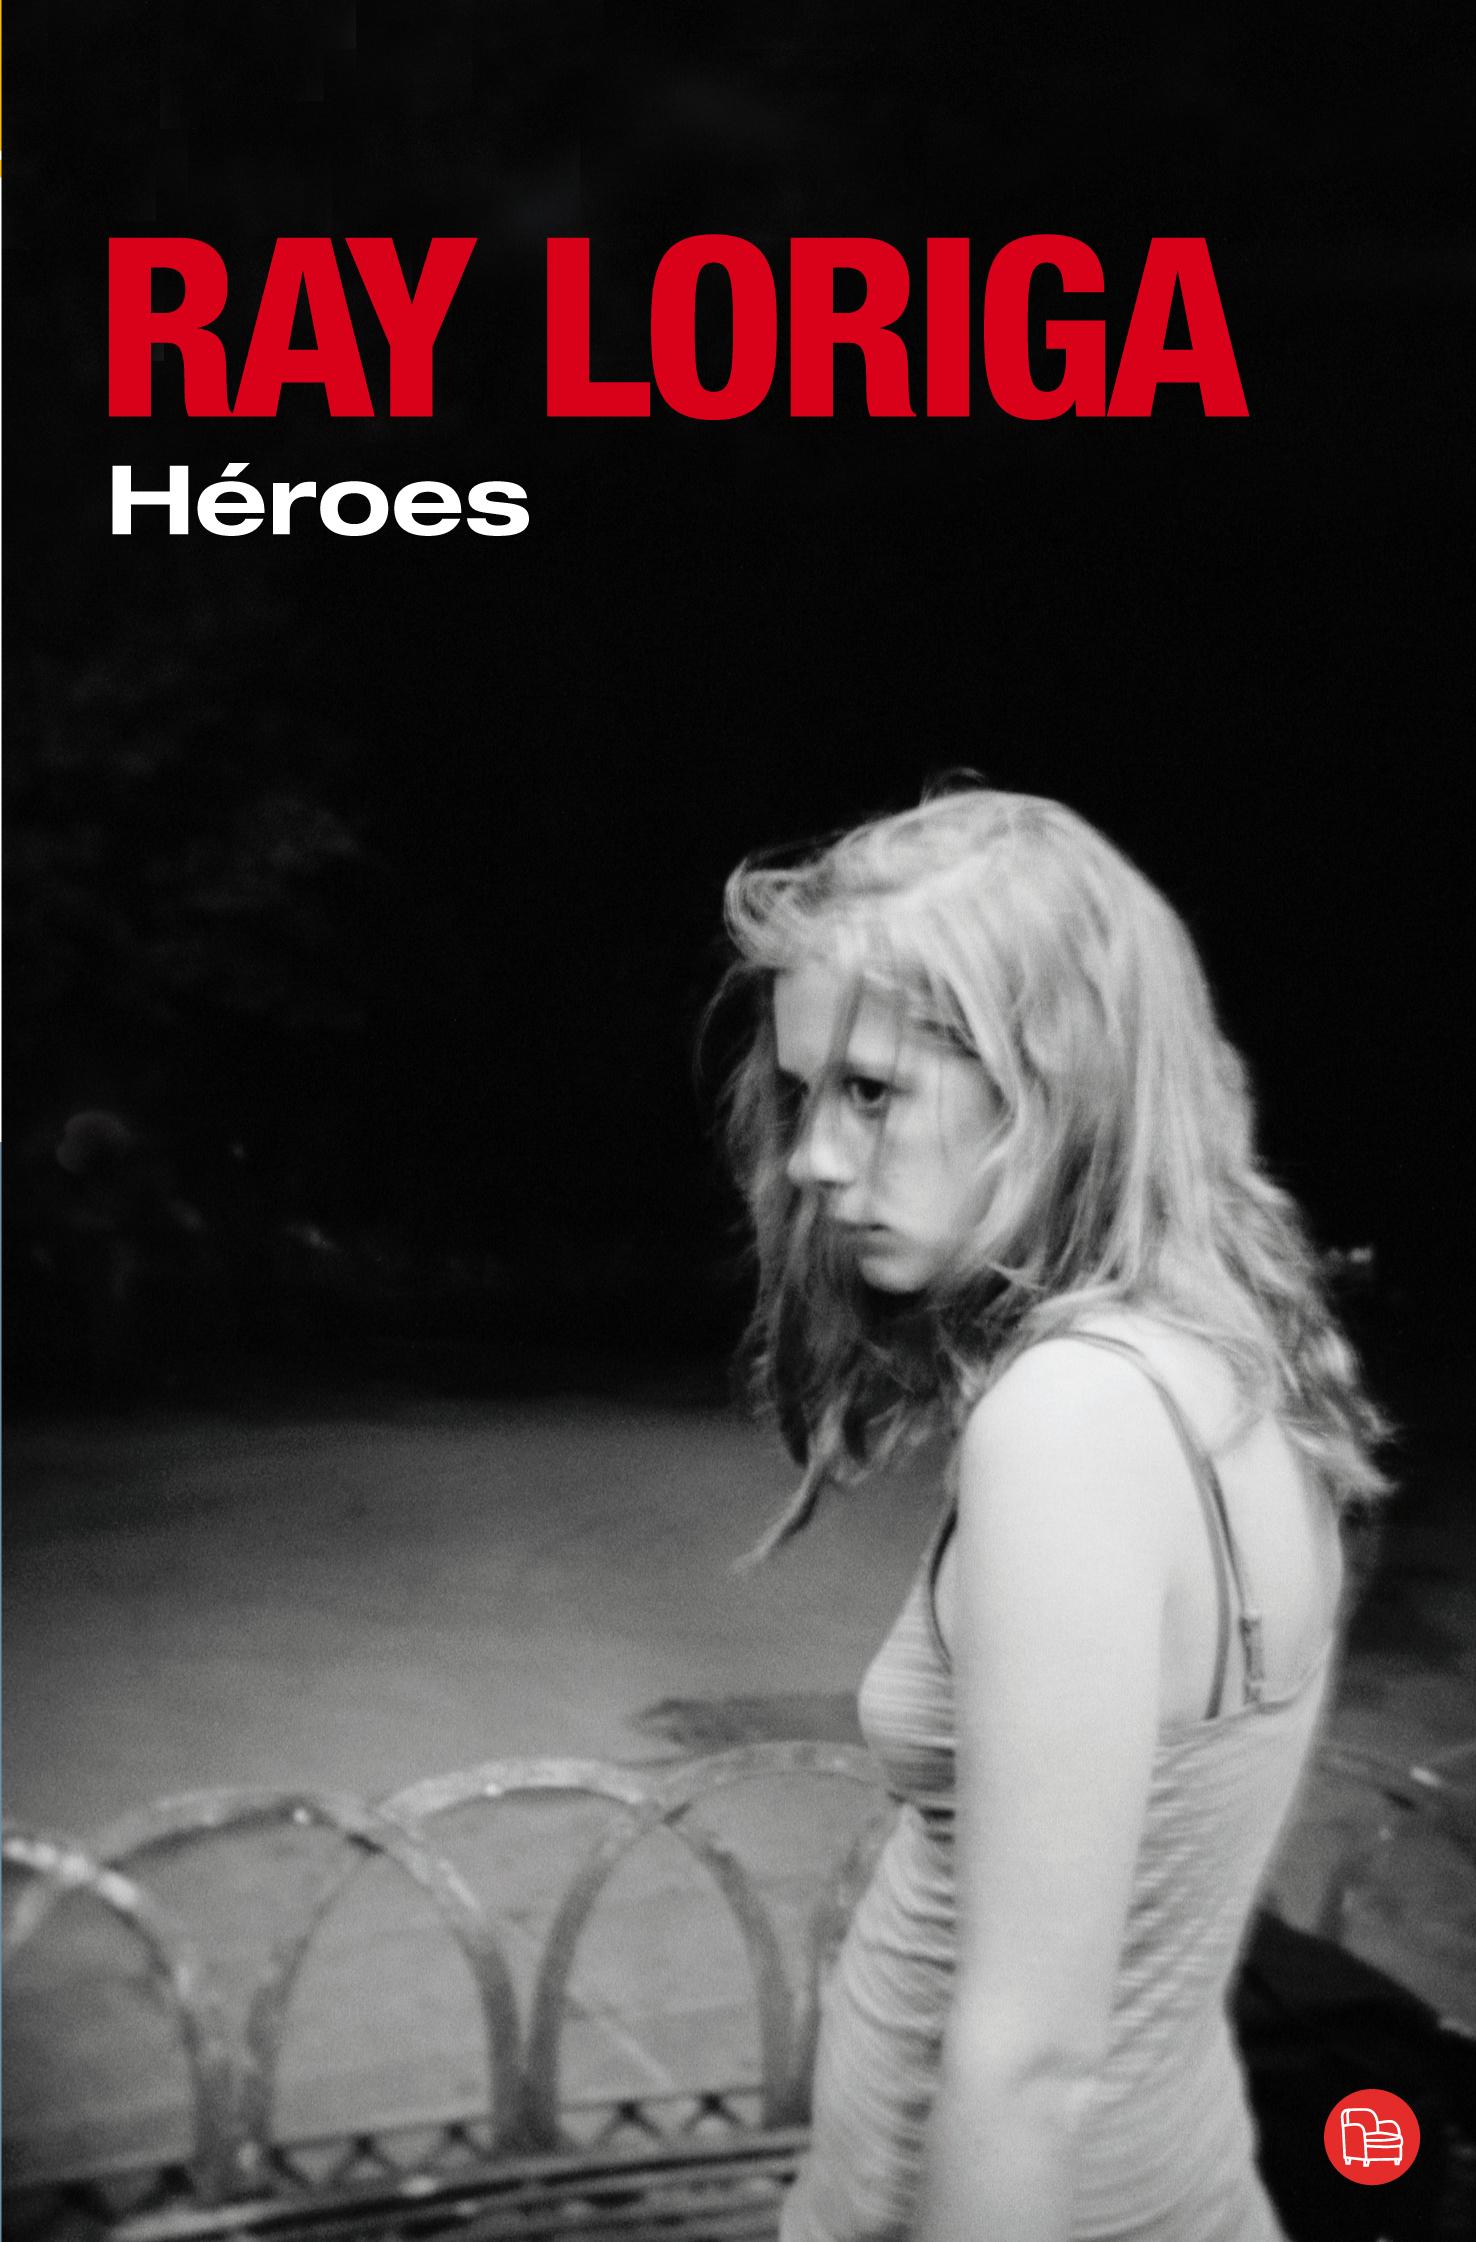 ¿AHORA LEES? - Página 10 Portada-heroes1